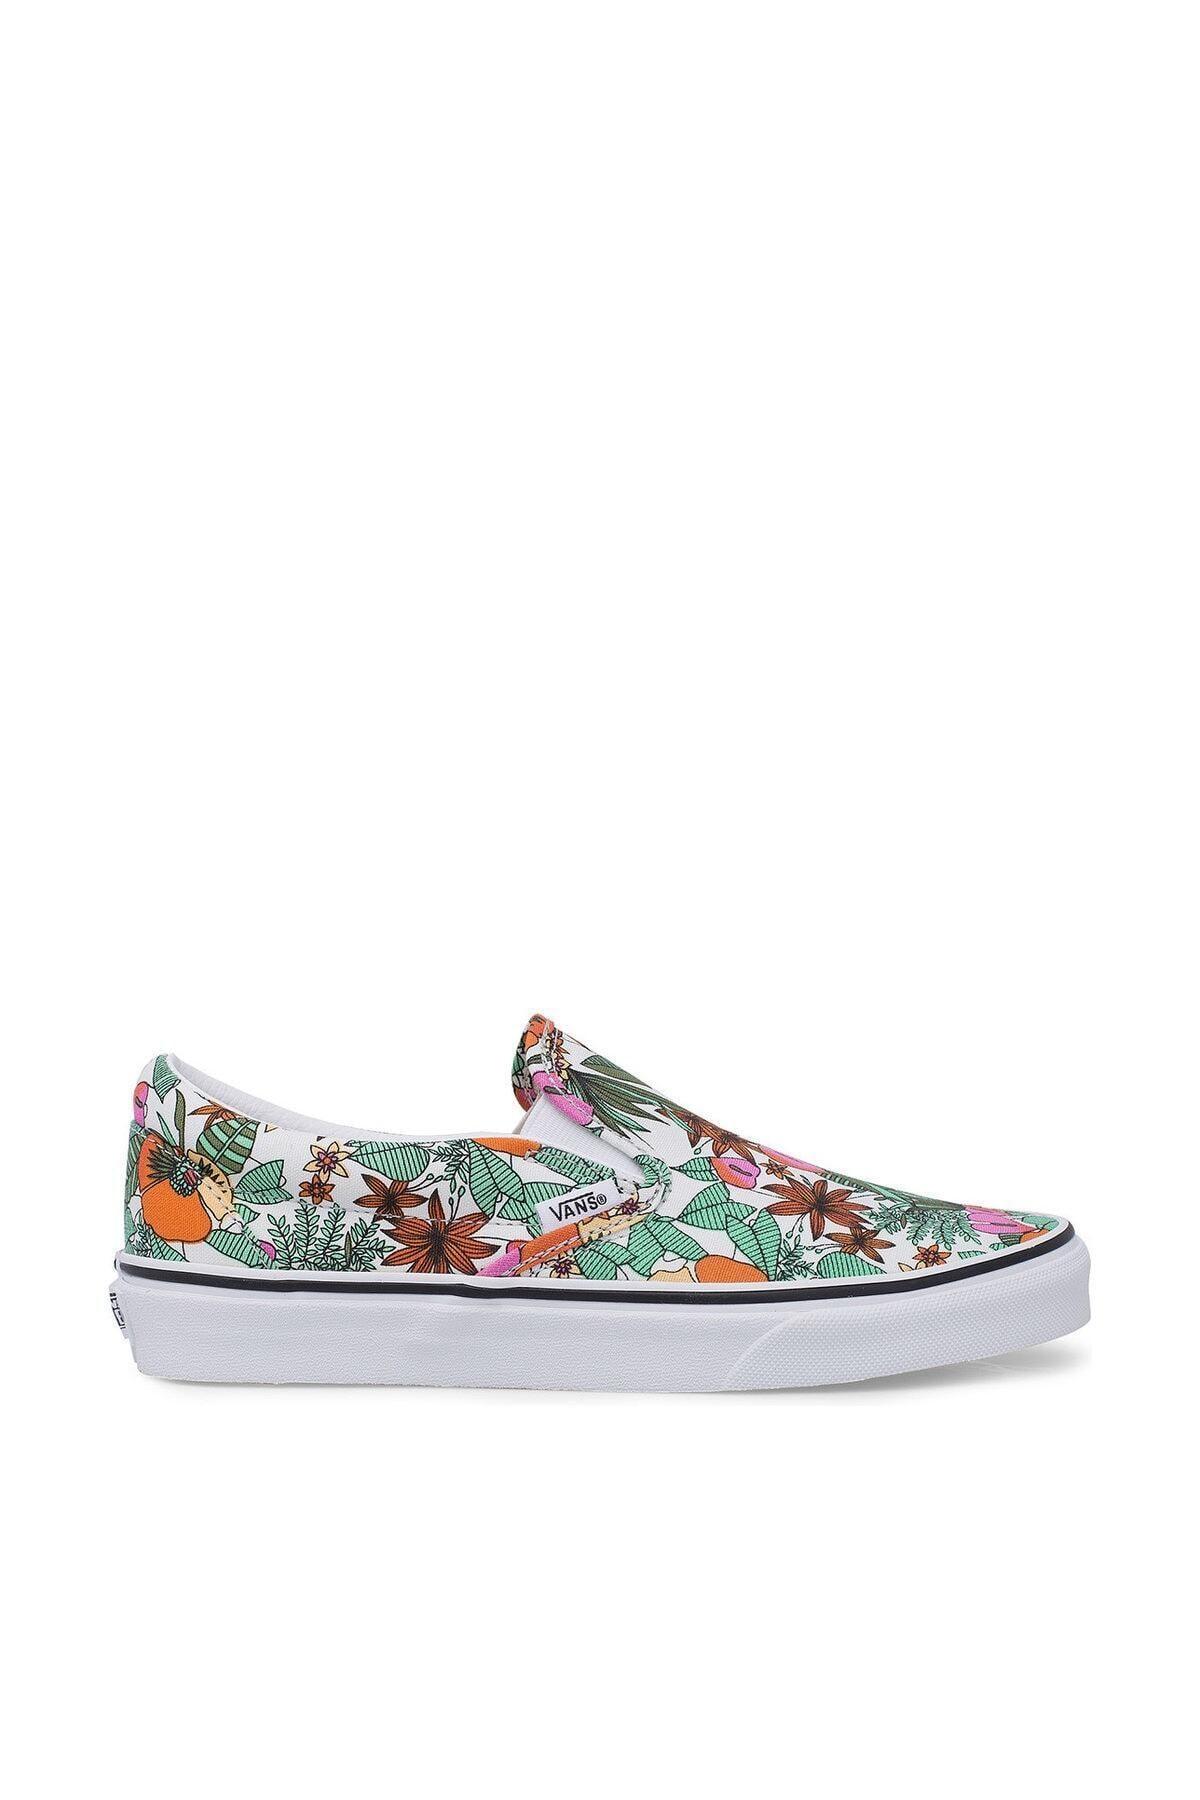 Vans UA CLASSIC SLIP-ON Çok Renkli Kadın Slip On Ayakkabı 100583586 1